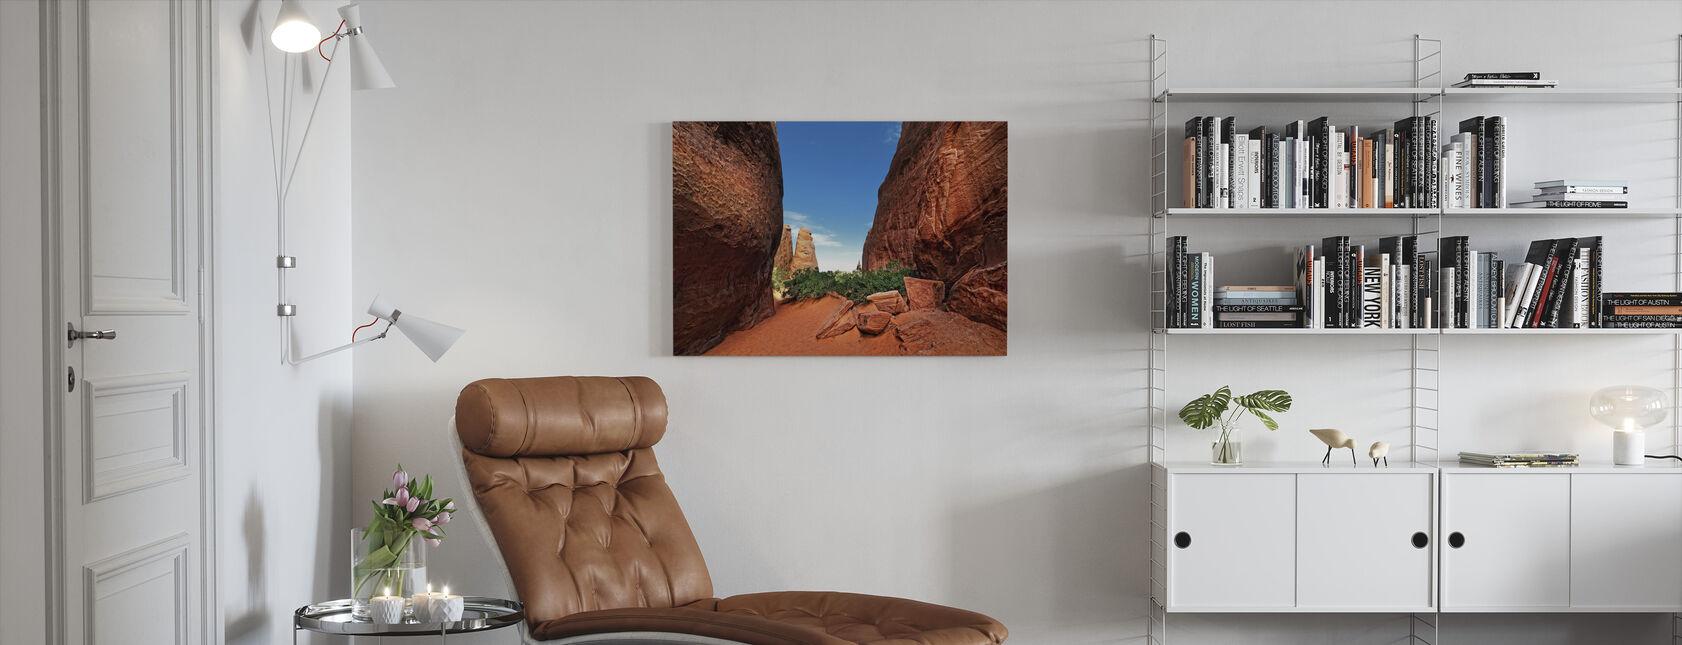 Canyon-valo - Canvastaulu - Olohuone